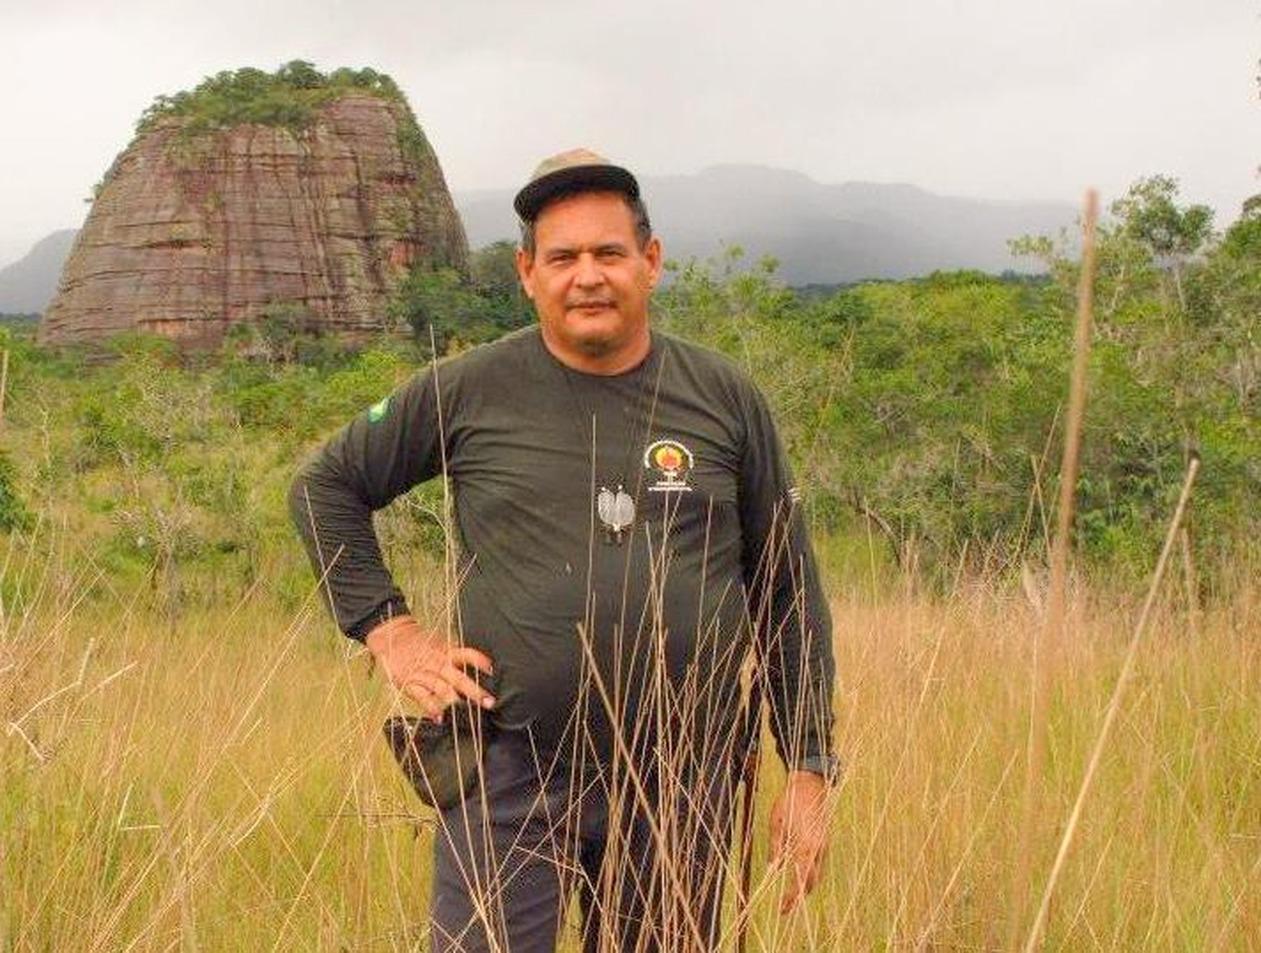 Знаменитый исследователь неконтактных племен погиб от стрелы аборигена